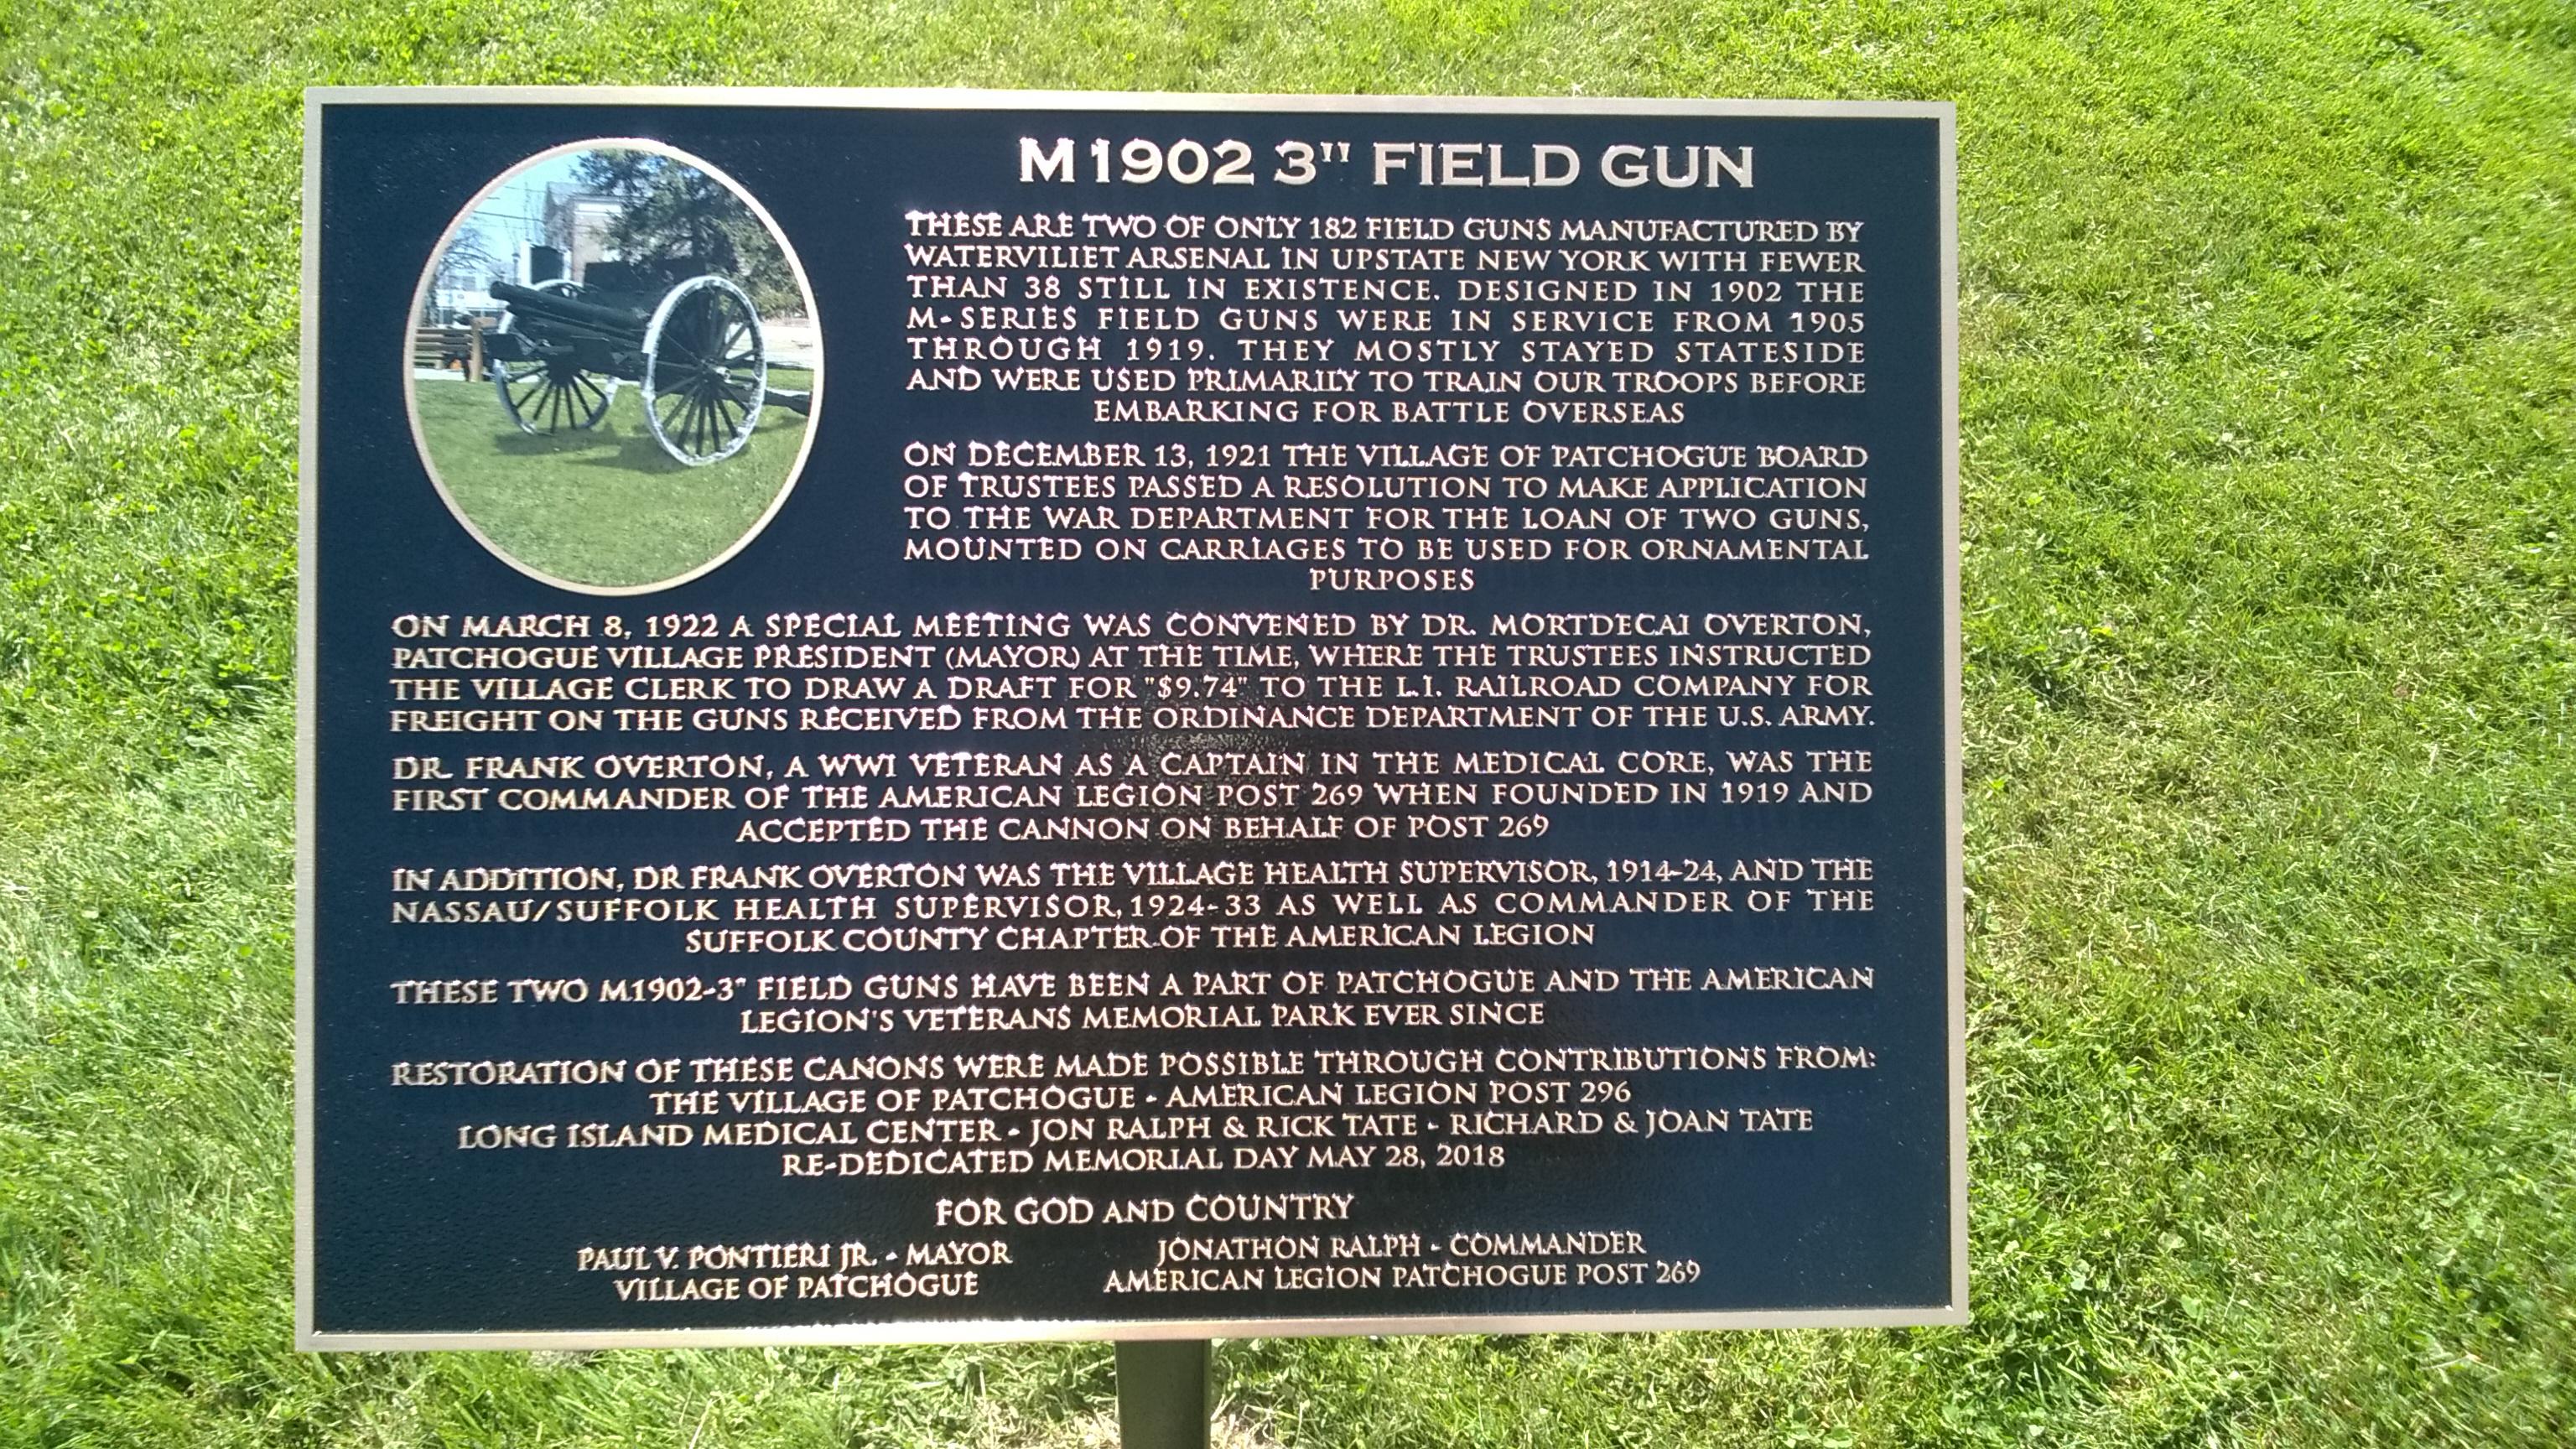 M1902 Field Gun Plaque